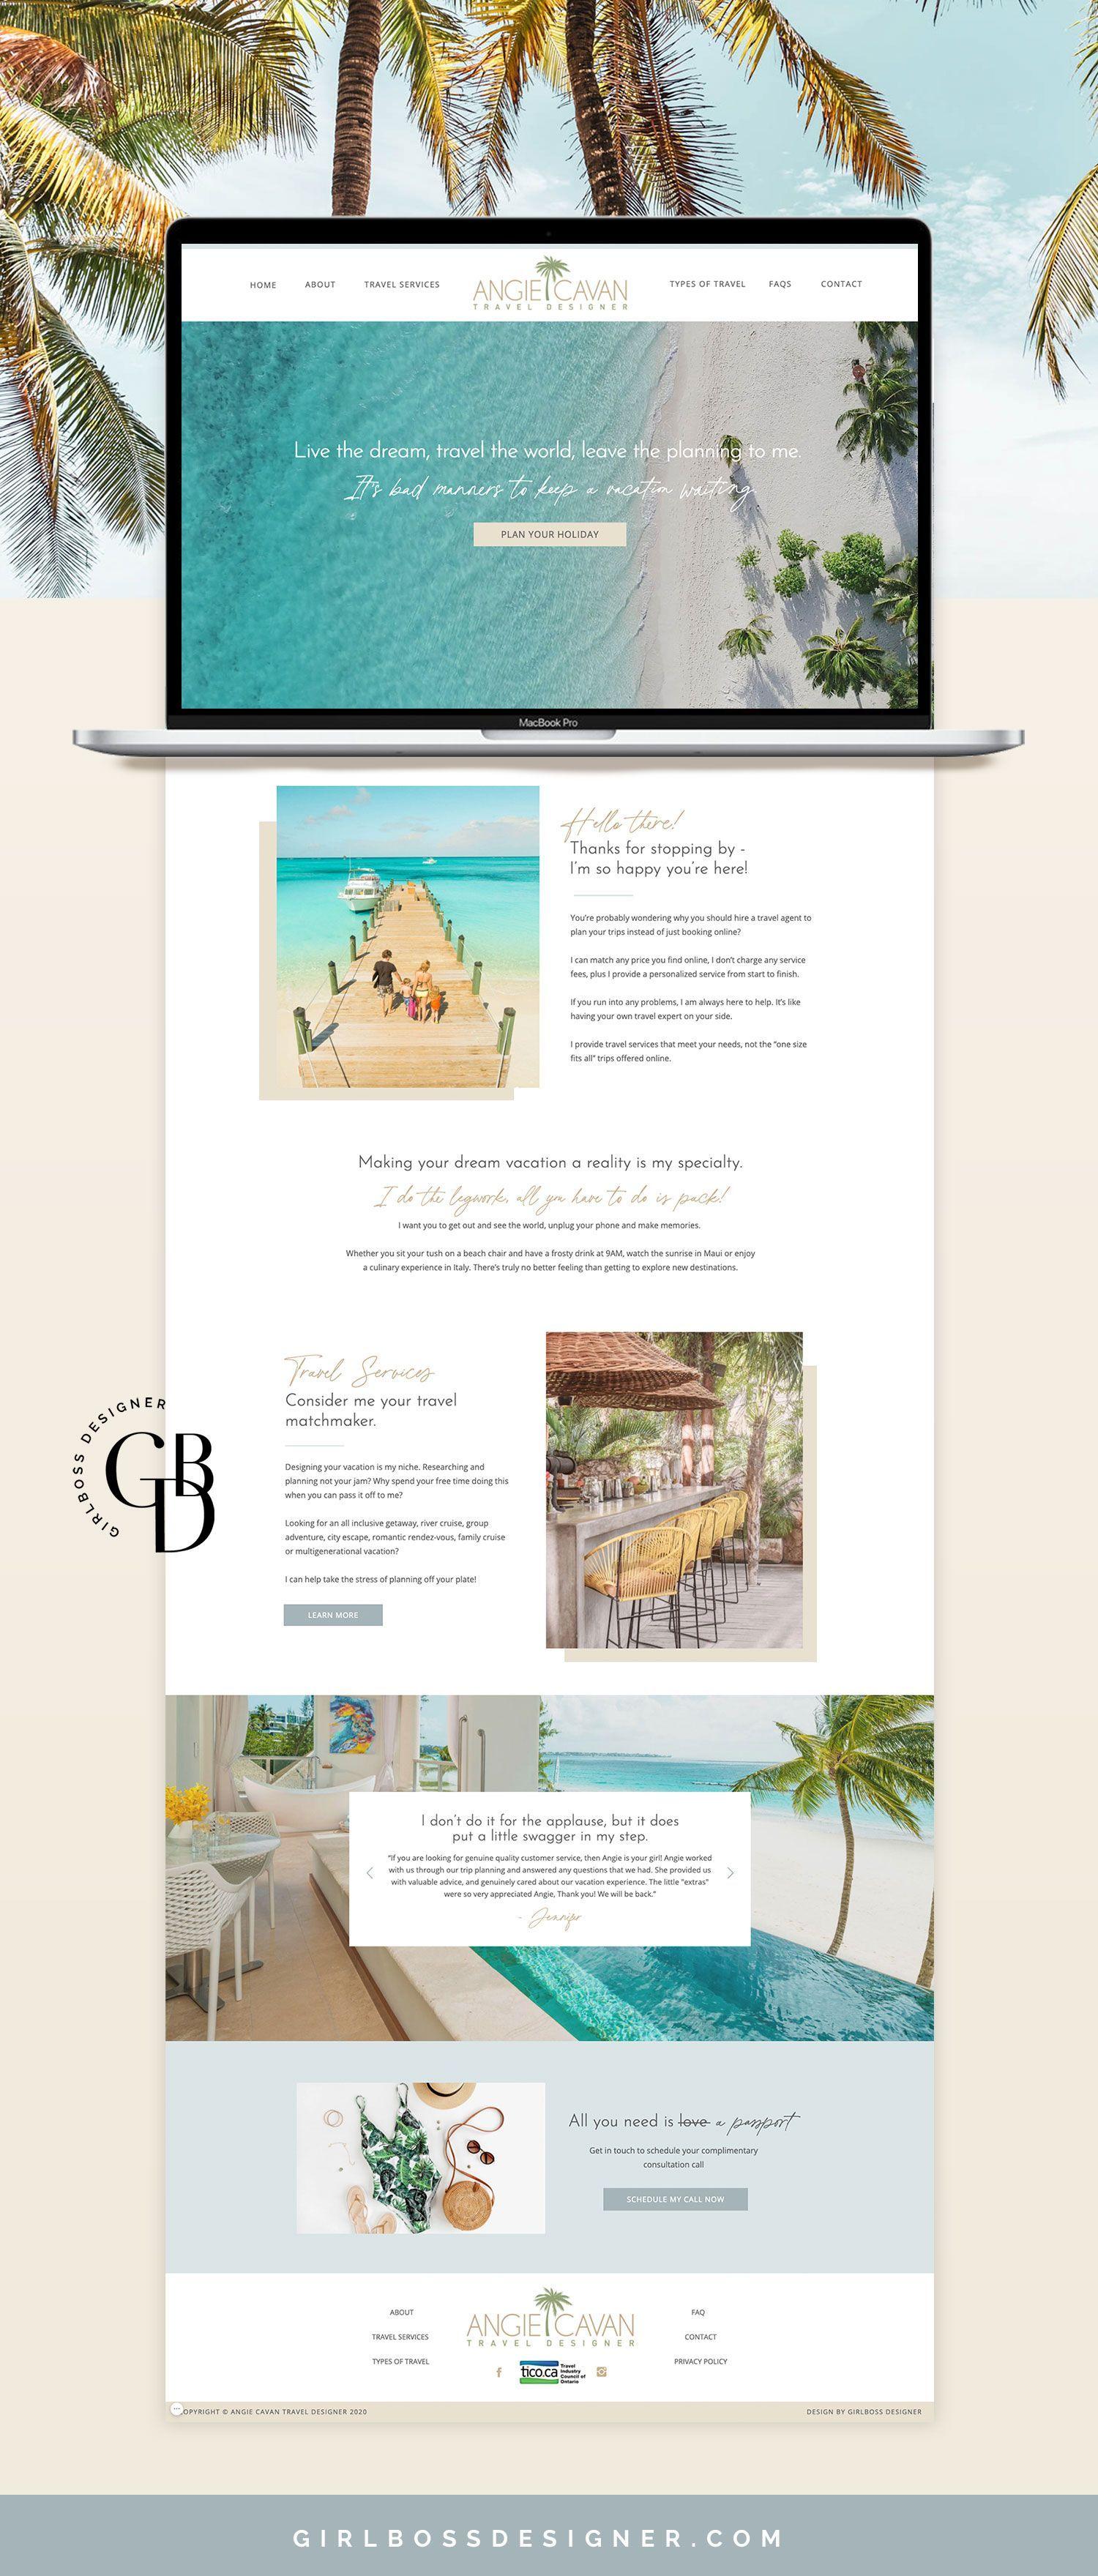 Light And Beachy Neutral Toned Website Design For Travel Designer Girlboss Designer In 2021 Travel Website Design Blog Website Design Branding Website Design